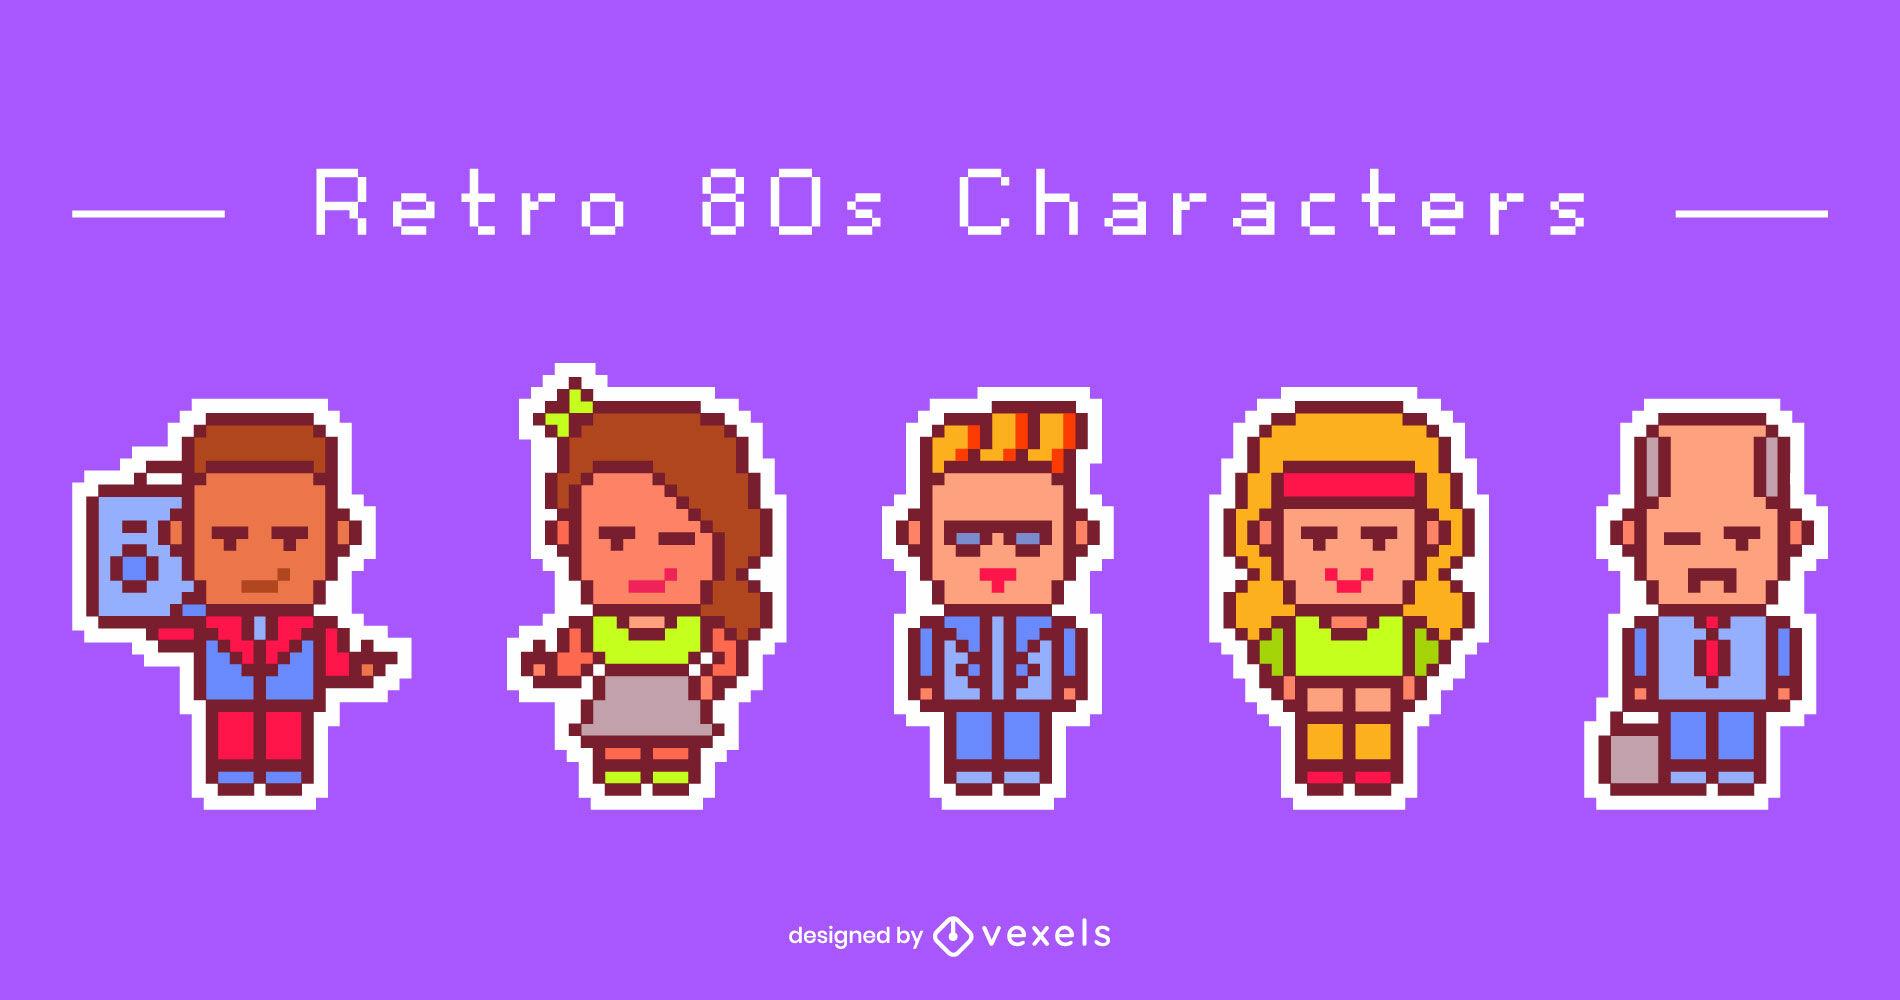 Charaktere des Retro-Pixel-Art-Sets der 80er Jahre